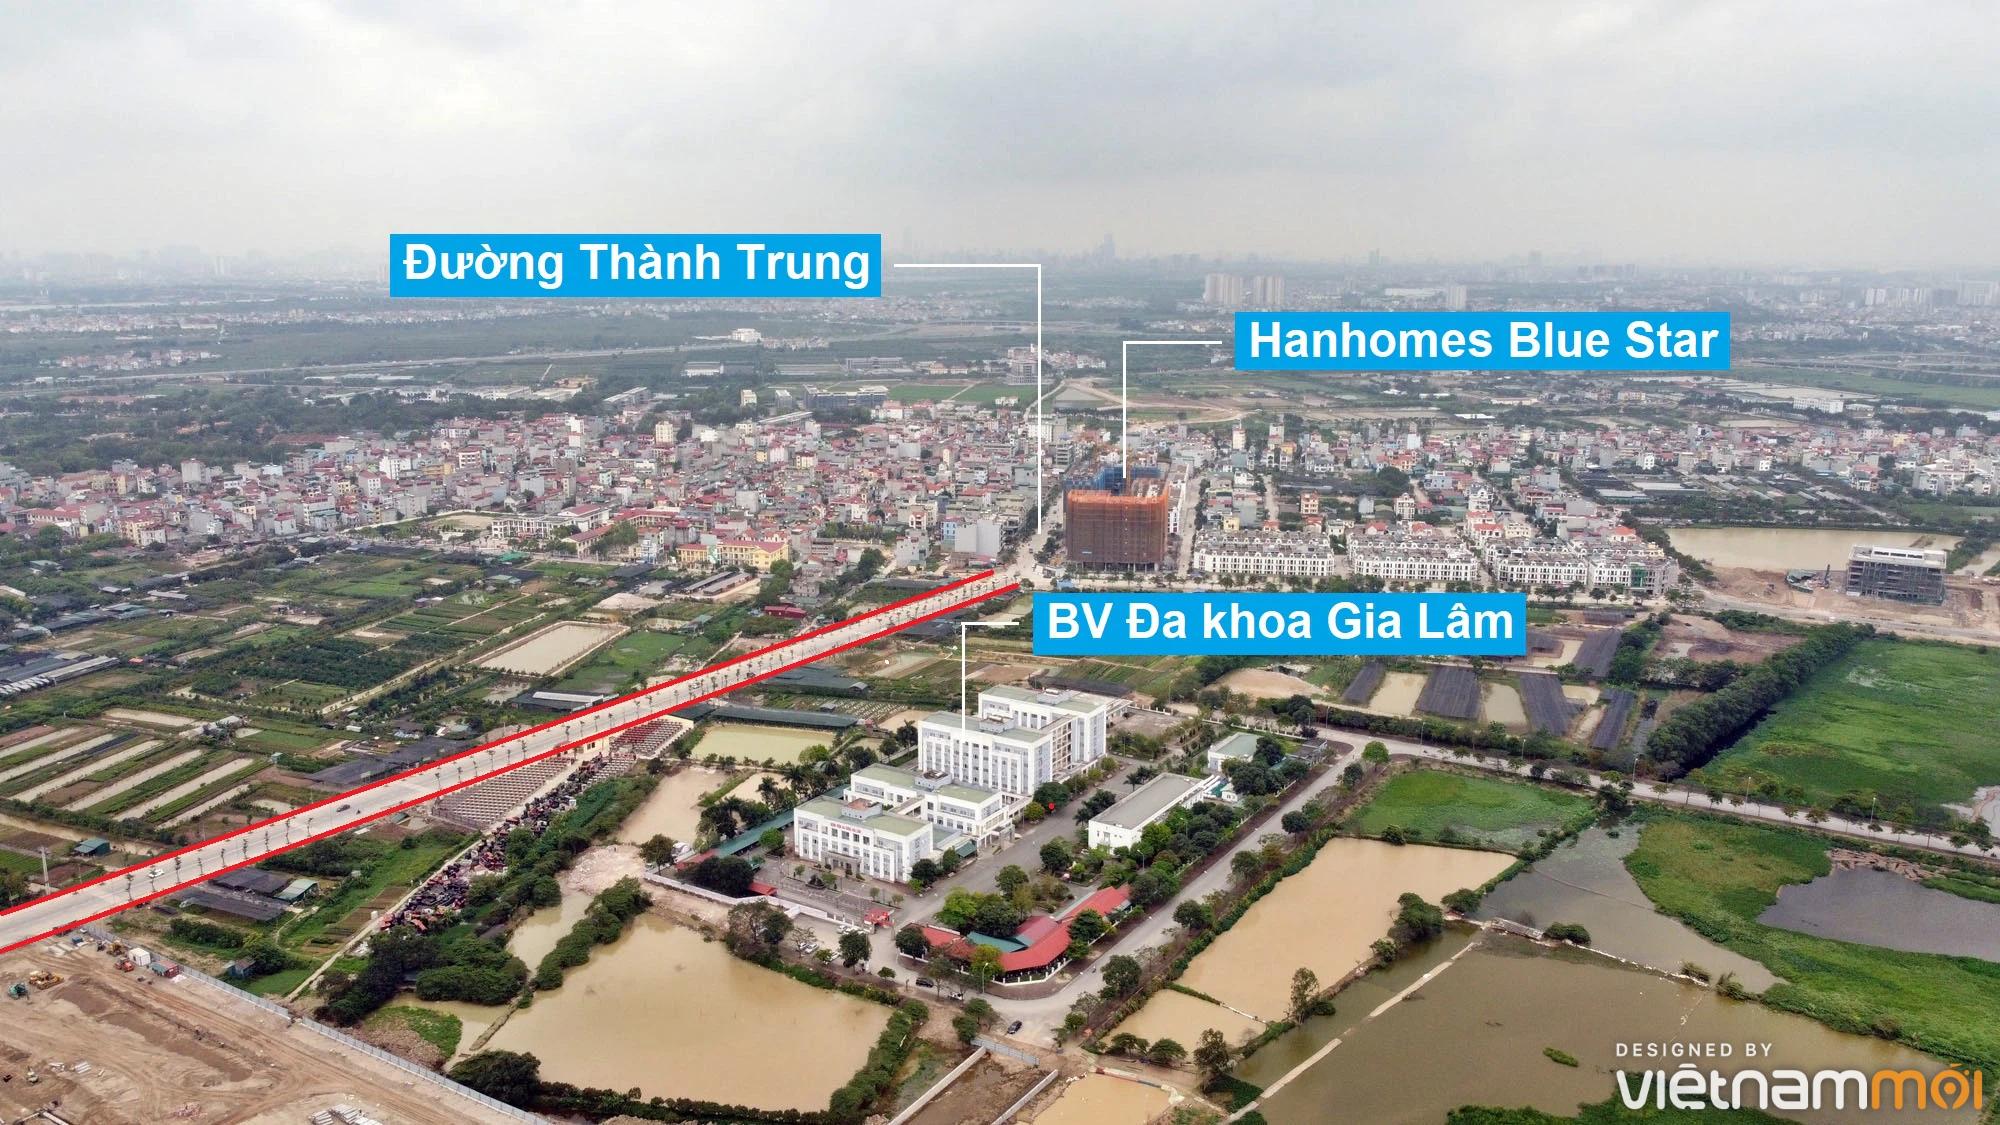 Toàn cảnh đường từ Kiêu Kỵ đến sông Cầu Bây qua Vinhomes Ocean Park đang mở theo quy hoạch ở Hà Nội - Ảnh 8.